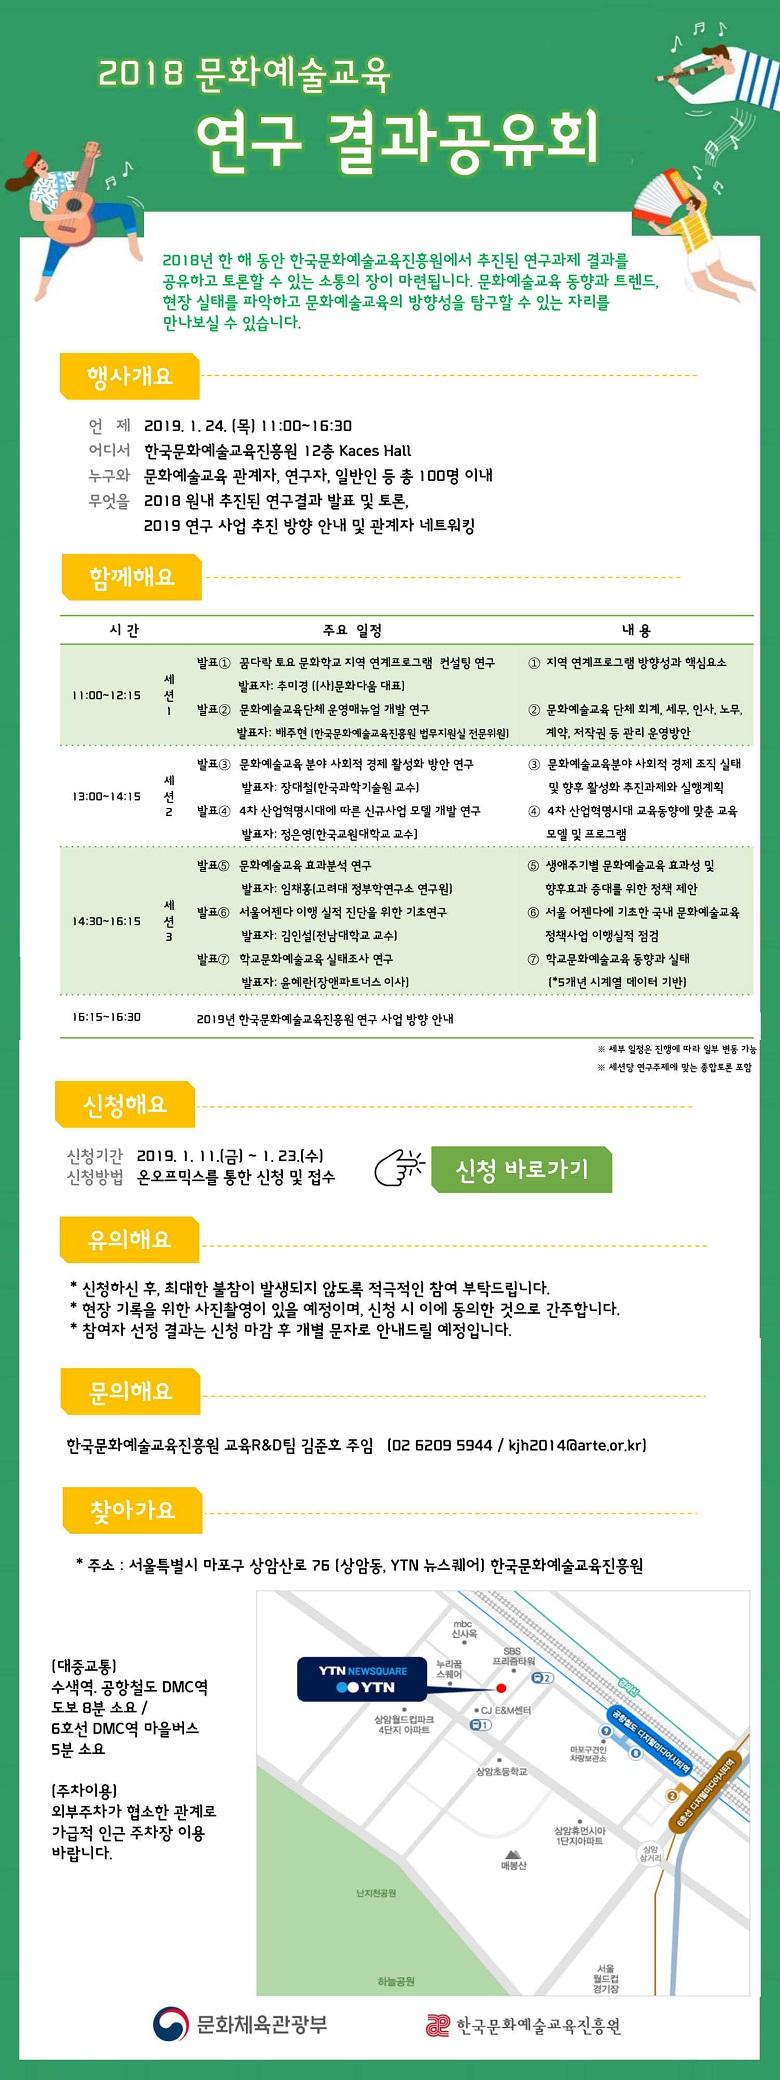 2018 문화예술교육 연구 결과공유회 2018년 한 해 동안 한국문화예술교육진흥원에서 추진된 연구과제 결과를 공유하고 토론할 수 있는 소통의 장이 마련됩니다 문화예술교육 동향과 트렌드 현장 실태를 파악하고 문화예술교육의 방향성을 탐구할 수 있는 자리를 만나보실 수 있습니다 행사개요 언제 2019년 1월 24일 11시부터 16시30분까지 어디서 한국문화예술교육진흥원 12층 Kaces Hall 누구와 문화예술교육 관계자 연구자 일반인 등 총 100명 이내 무엇을 2018 원내 추진된 연구결과 발표 및 토론 2019 연구 사업 추진 방향 안내 및 관계자 네트워킹 신청해요 신청기간 2019년 1월 11일부터 1월 23일까지 신청방법 온오프믹스를 통한 신청 및 접수 문의해요 한국문화예술교육진흥원 교육RD팀 김준호 주임 02 6209 5944 찾아가요 주소 서울특별시 마포구 상암산로 76 상암동 YTN 뉴스퀘어 한국문화예술교육진흥원